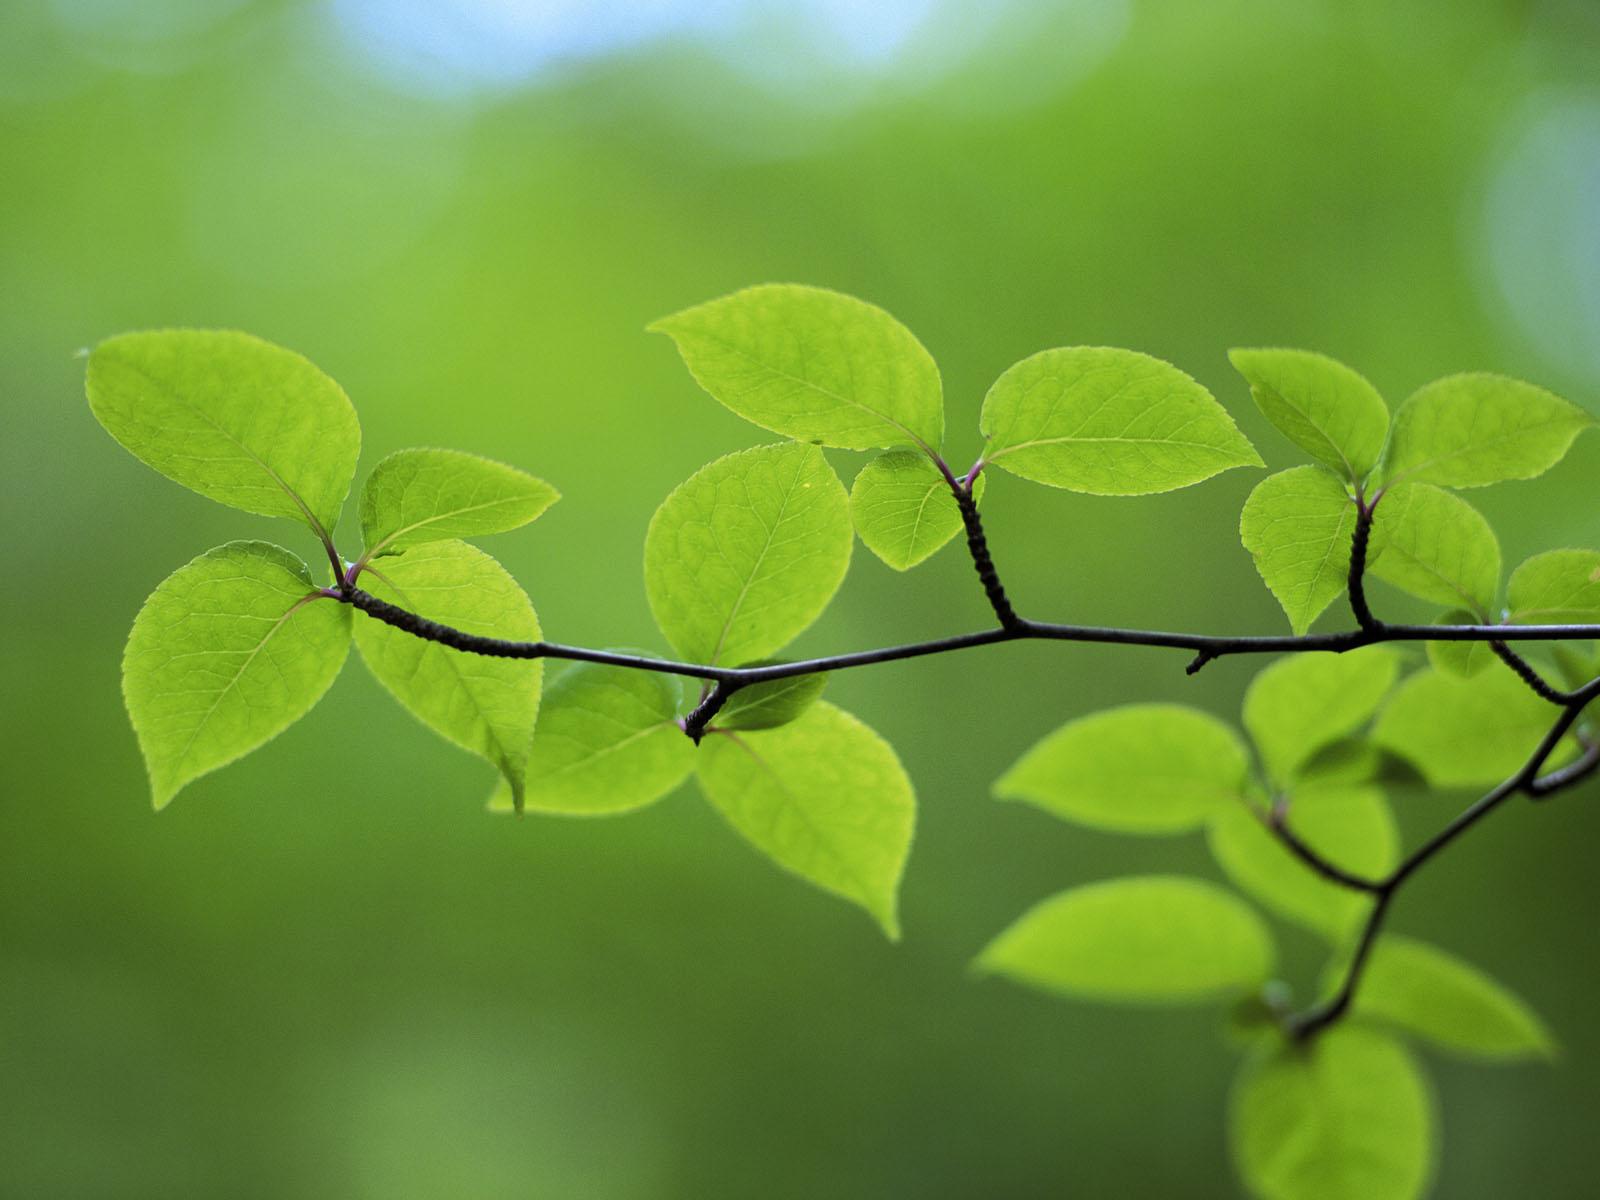 눈에 좋은 바탕화면, 눈이 편한 바탕화면, 눈에 좋은 배경화면, 눈이 편한 배경화면, 바탕화면, 배경화면, 풀잎, 새싹